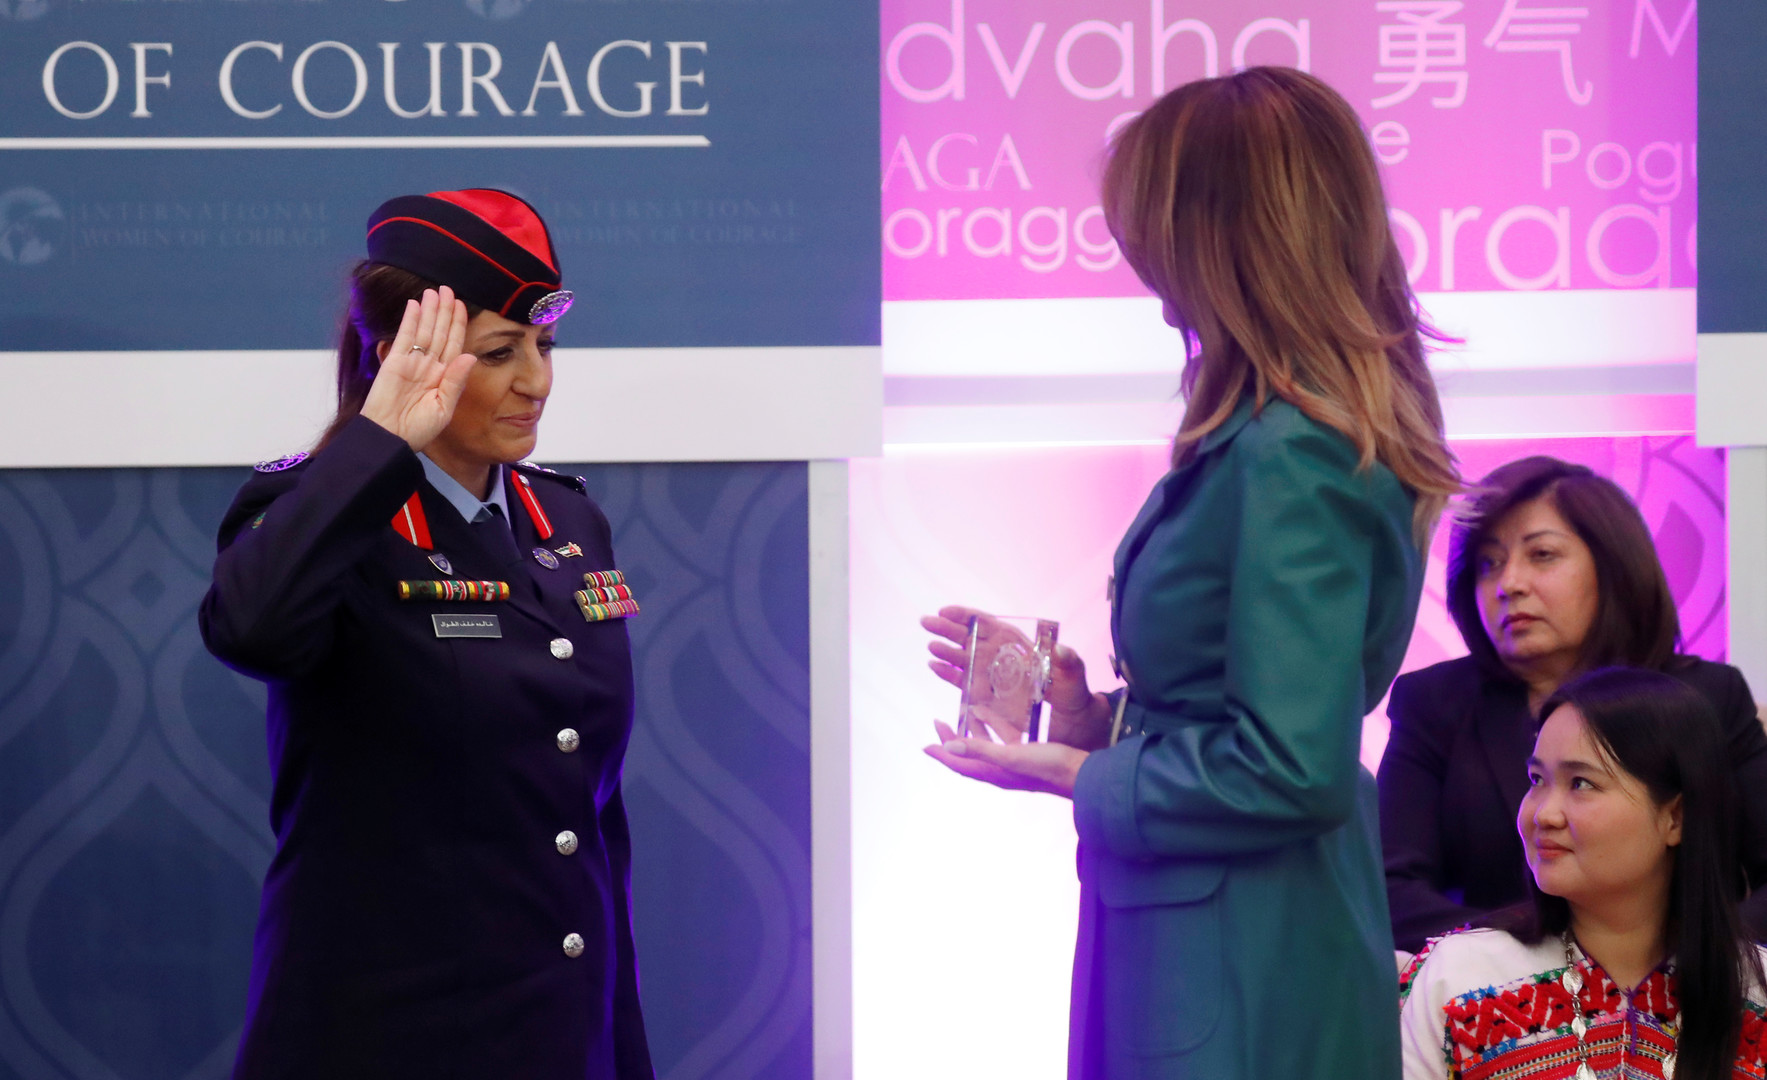 صور+ فيديو.. ميلانيا ترامب تسلم جائزة الشجاعة لامرأتين عربيتين